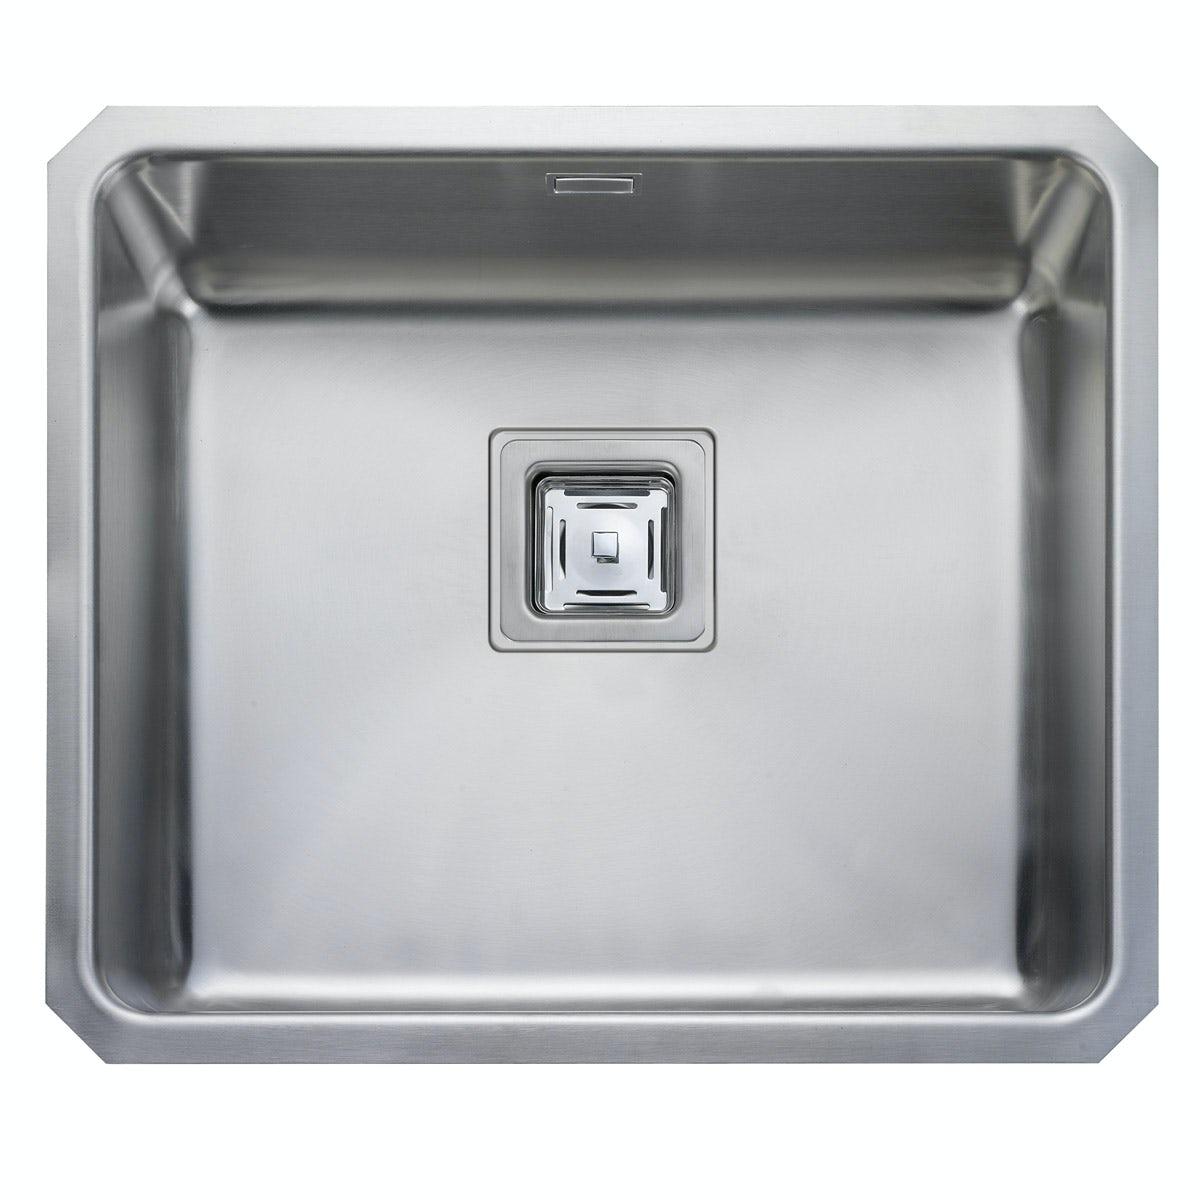 Rangemaster Atlantic Quad 1.0 bowl undermount kitchen sink with waste